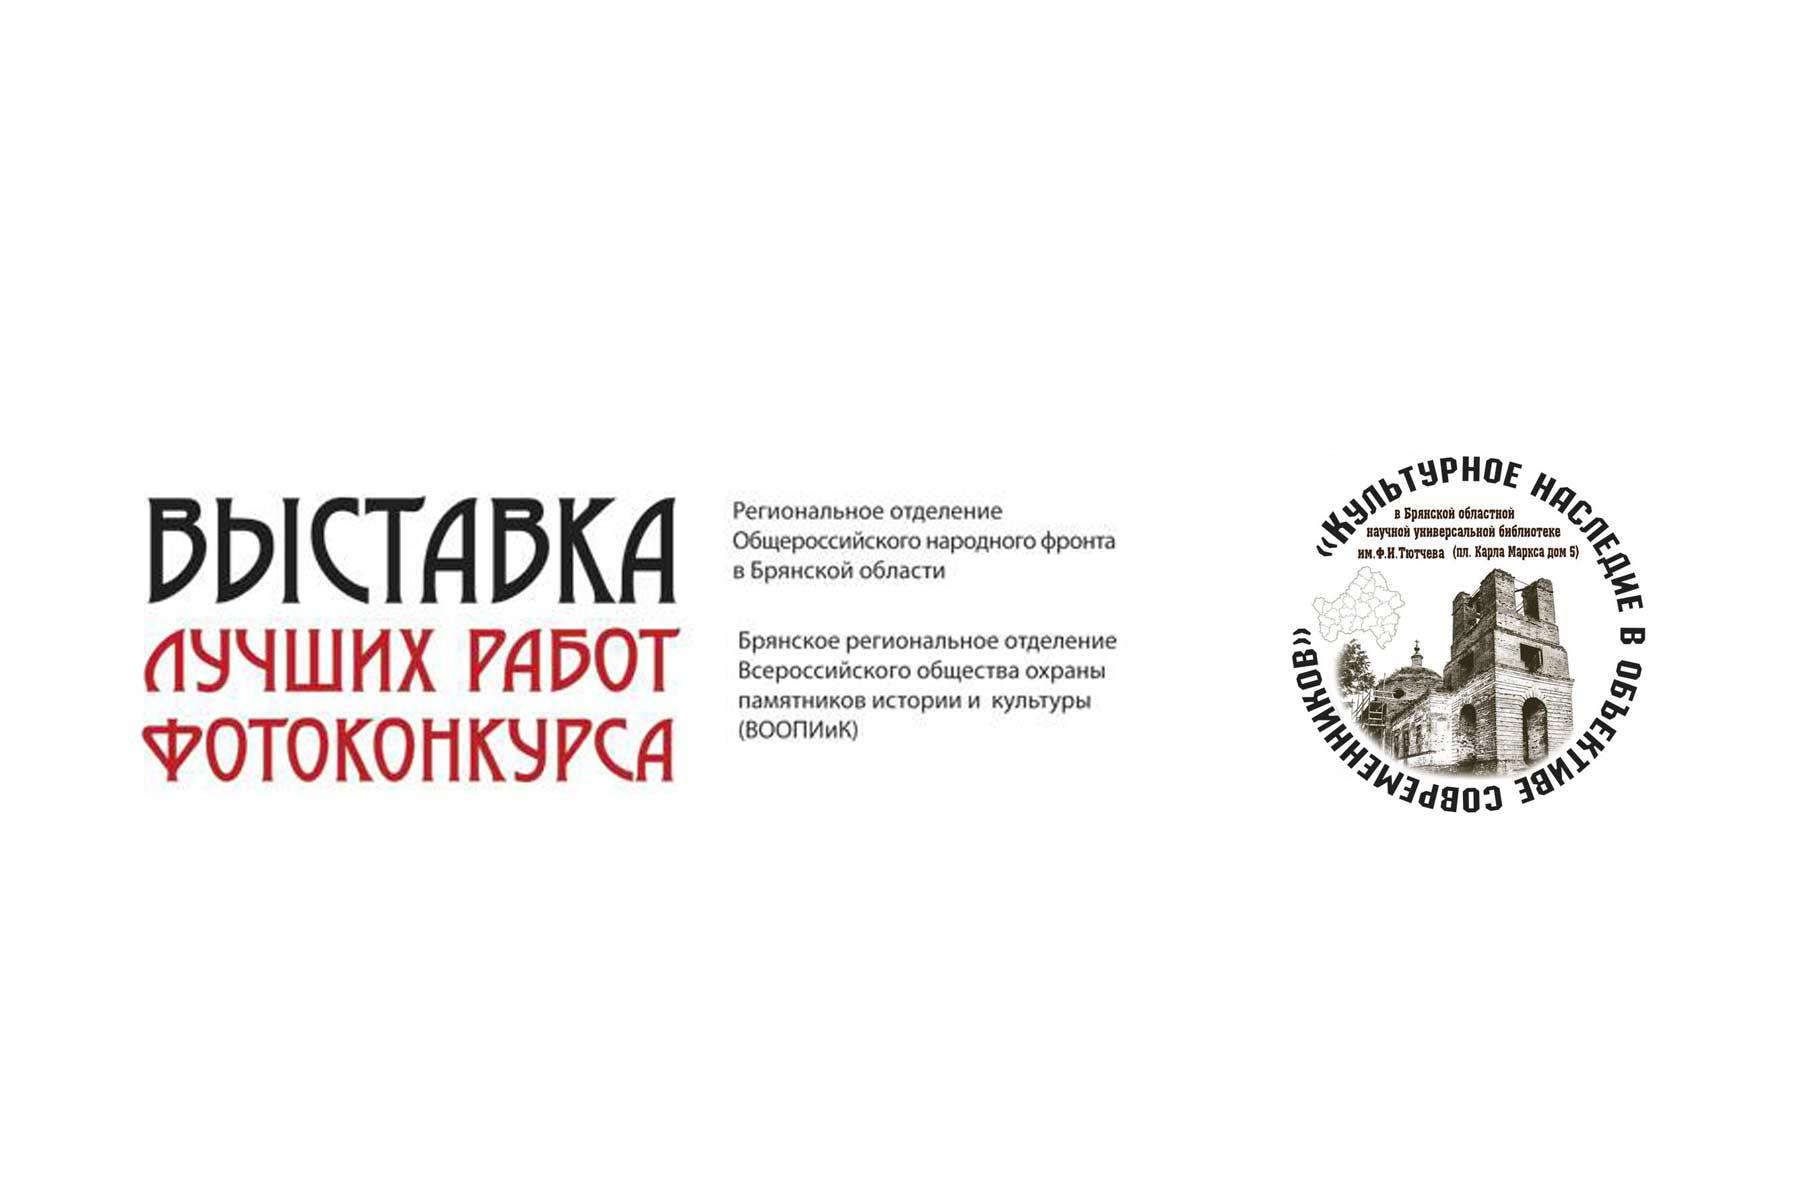 """Открытие выставки """"Культурное наследие в объективе современников"""". 19 февраля 2018 г."""